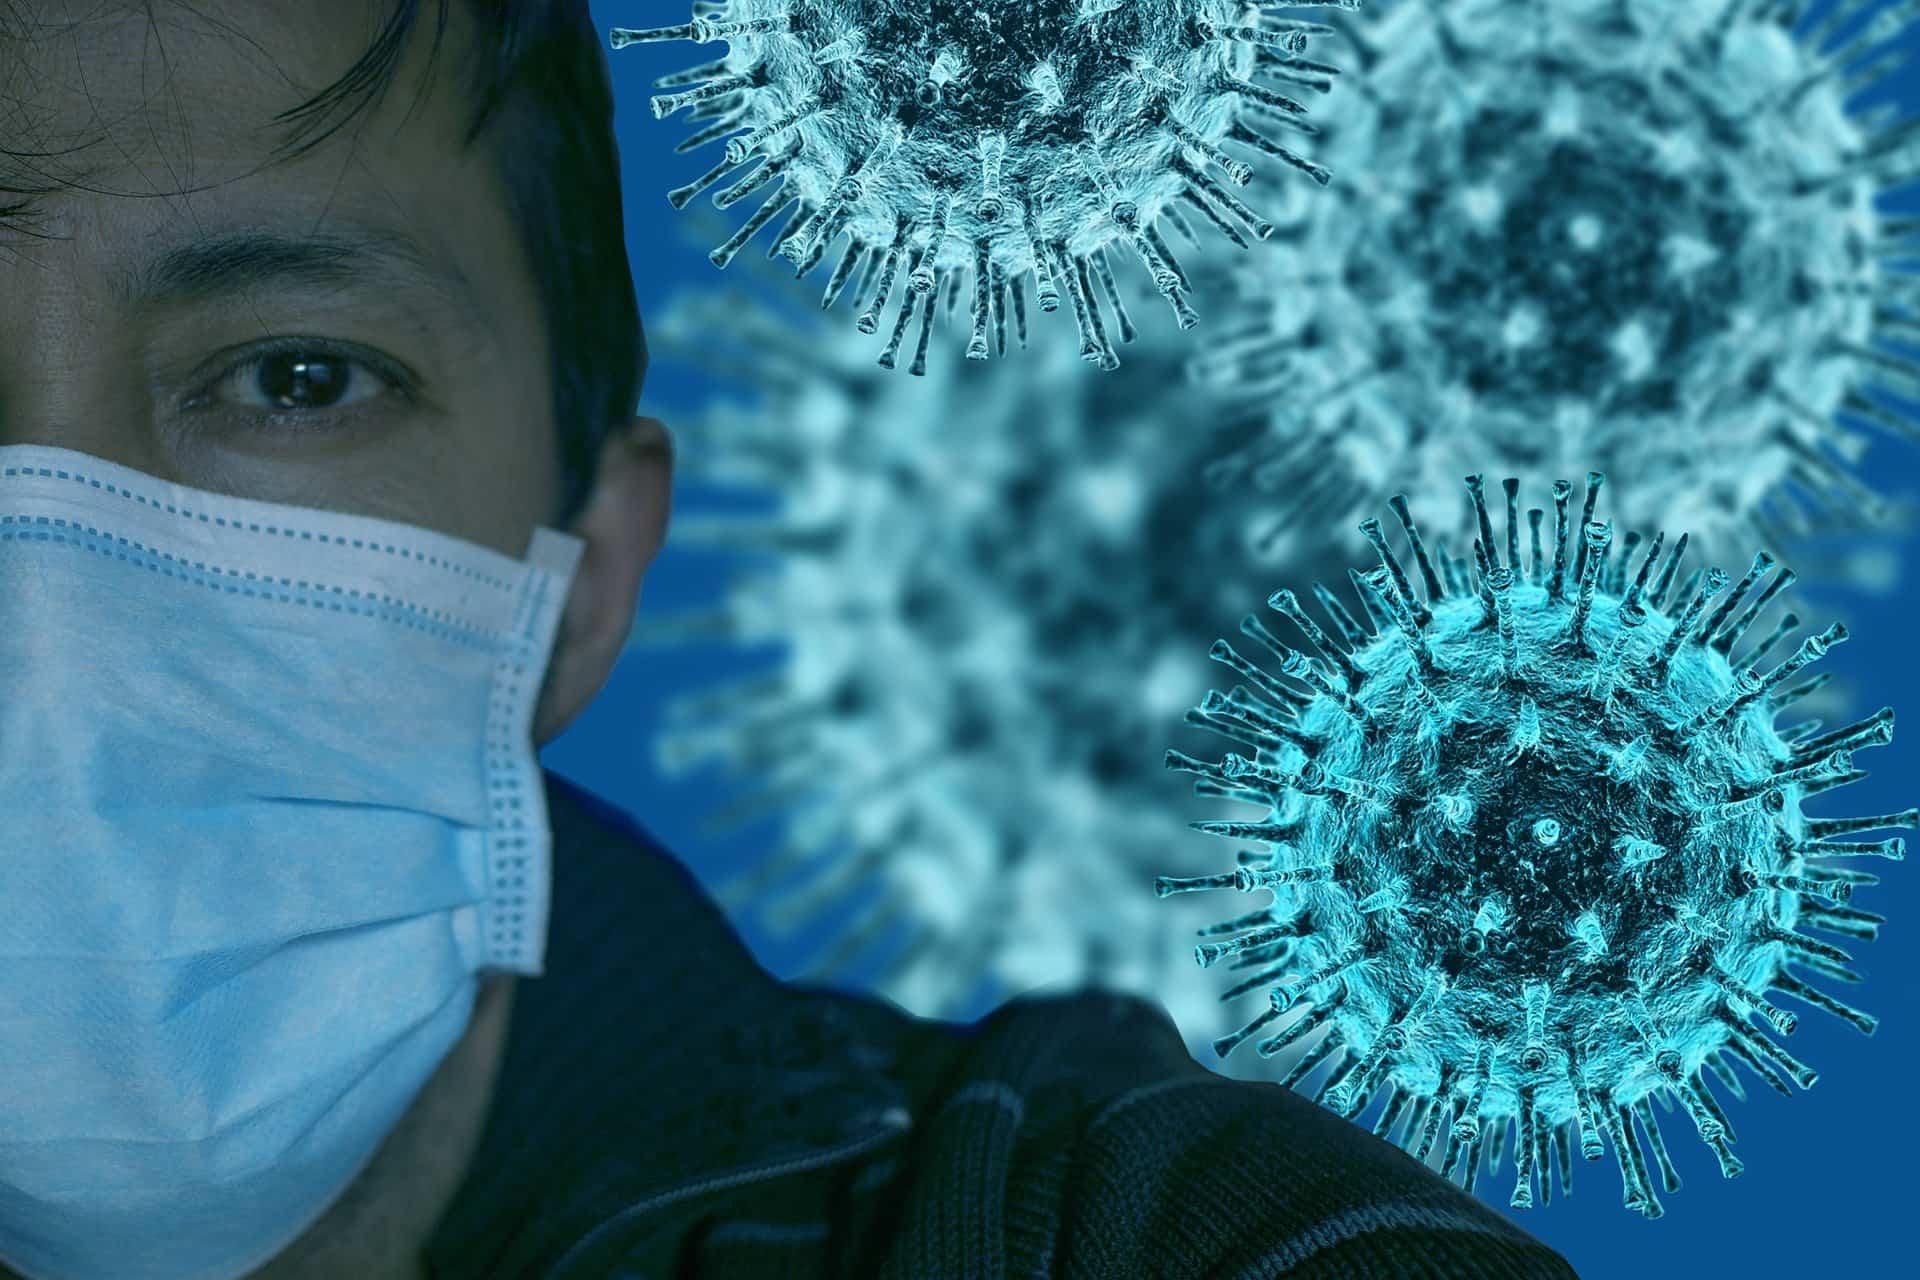 covid 19 4969084 1920 - Gestión del miedo durante el coronavirus